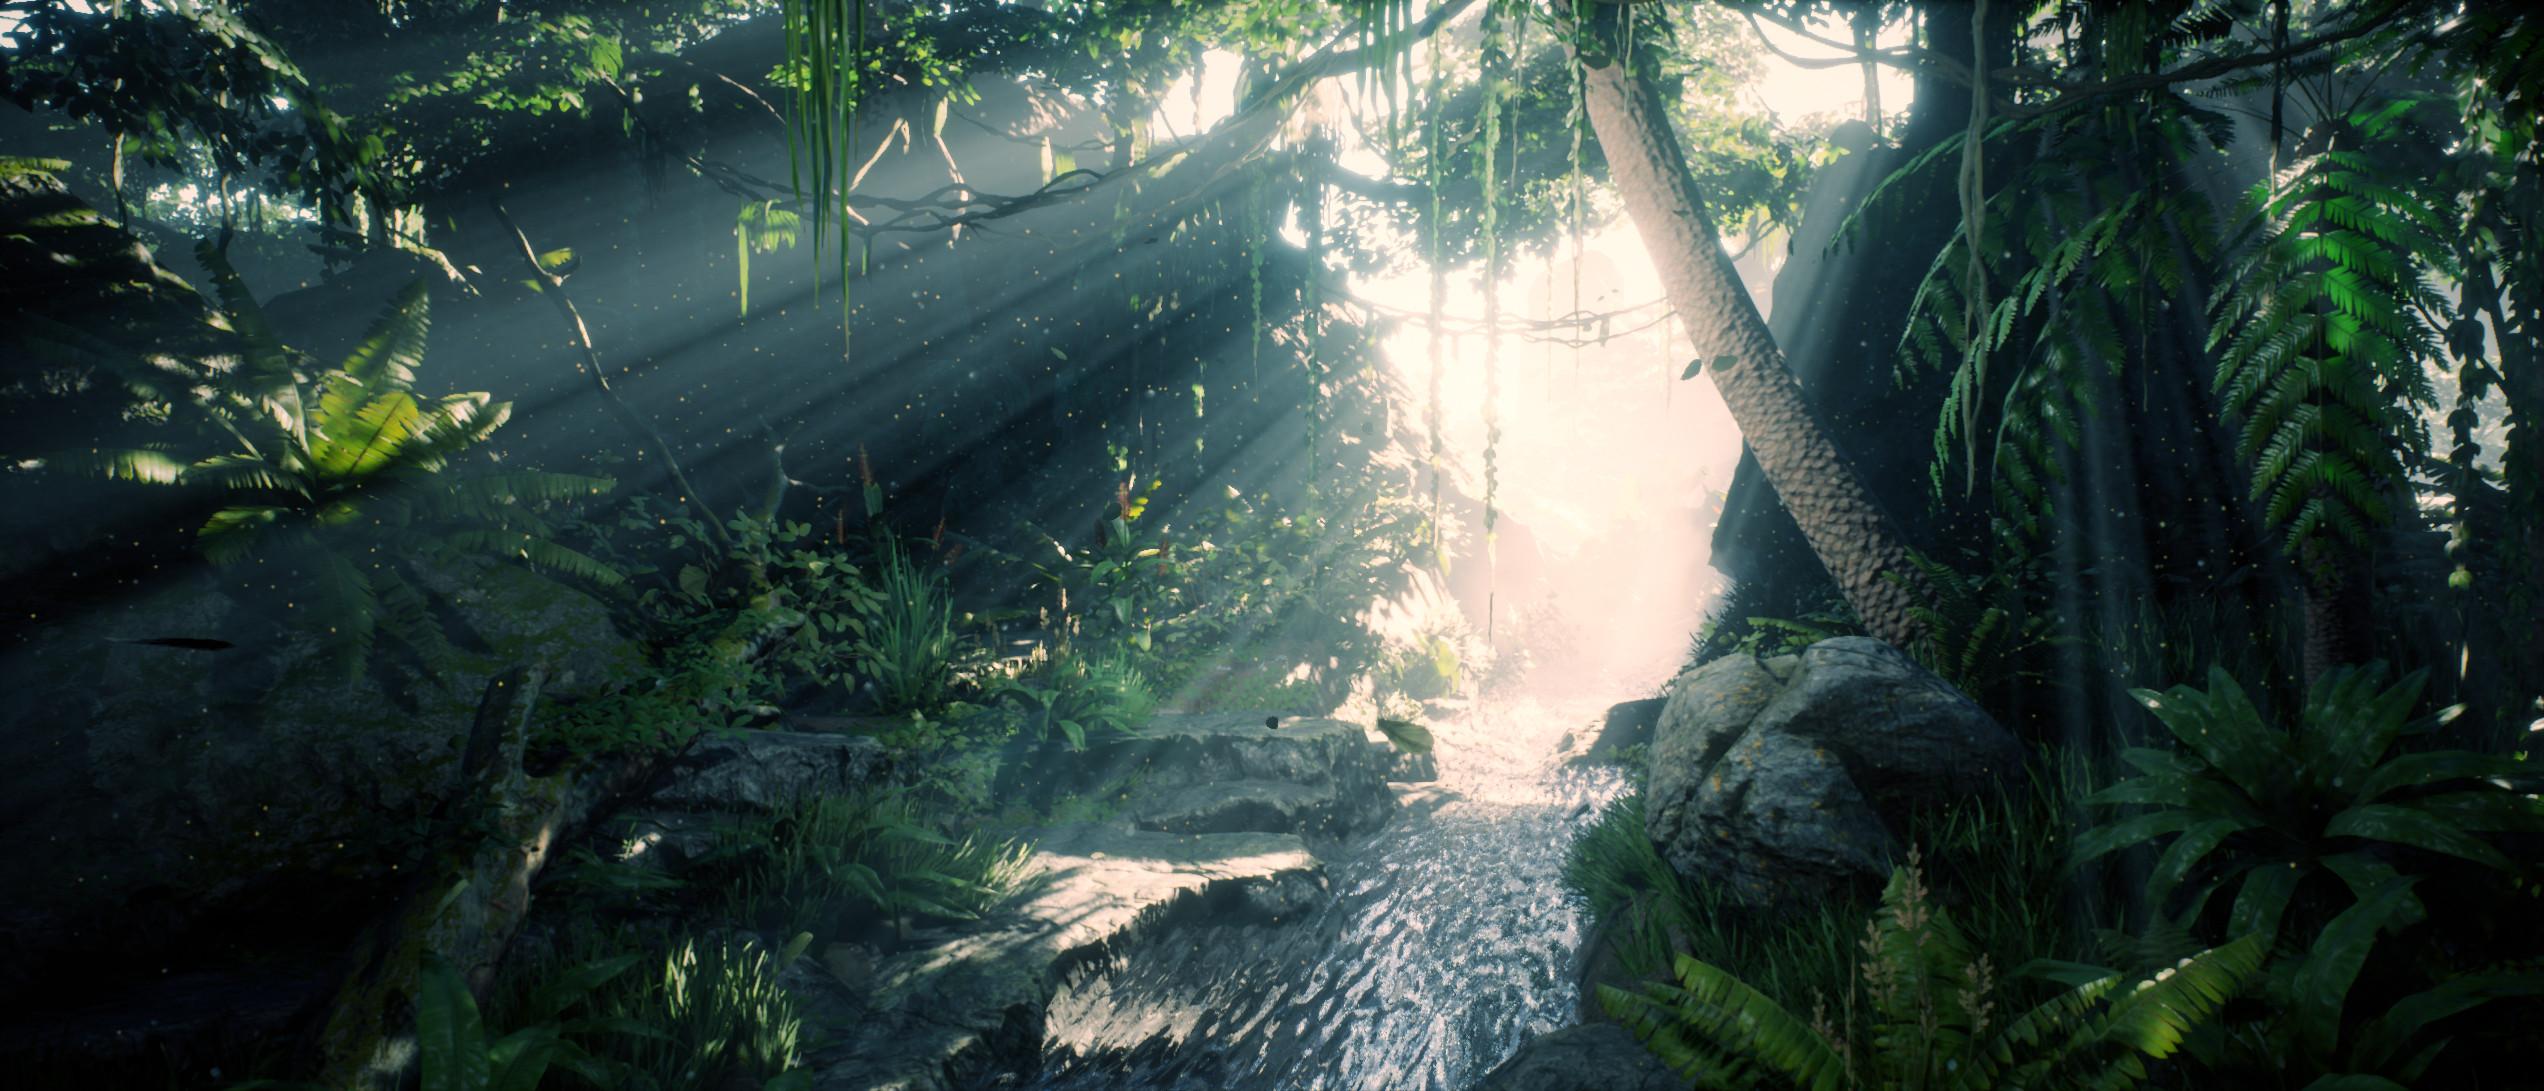 Jungle River - Unreal Engine - Still